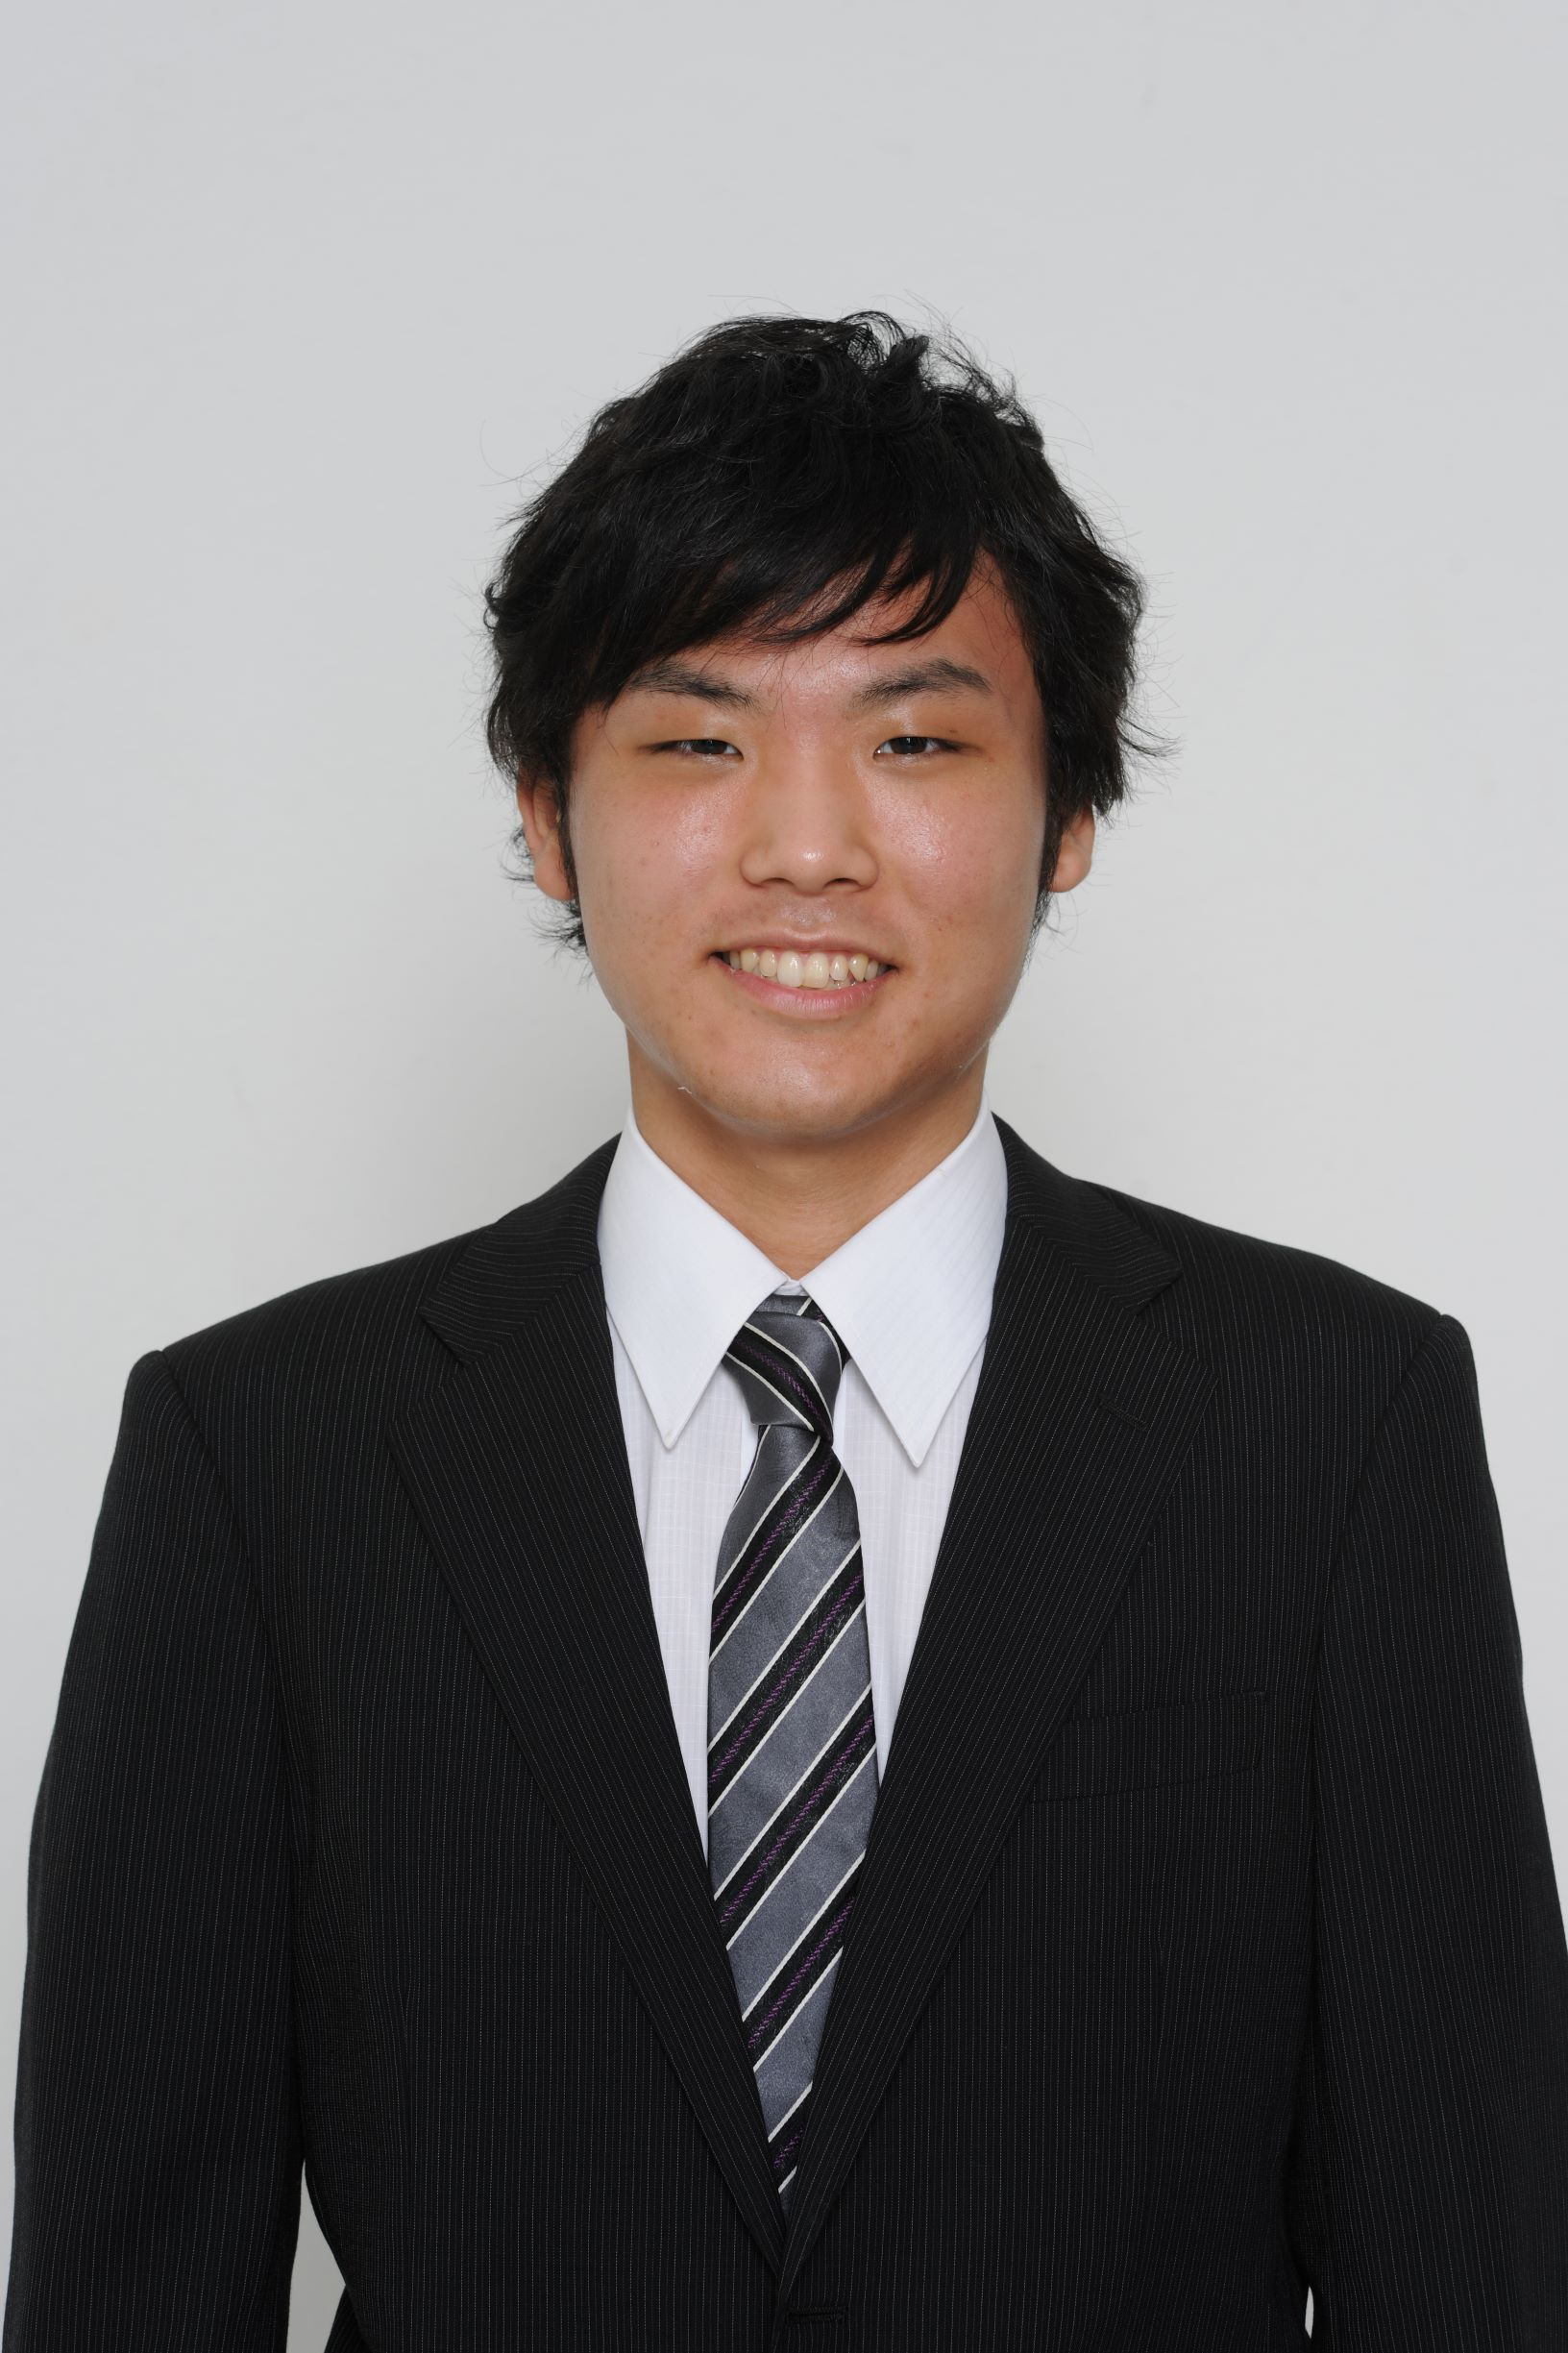 ピアノ 斉藤先生 教室